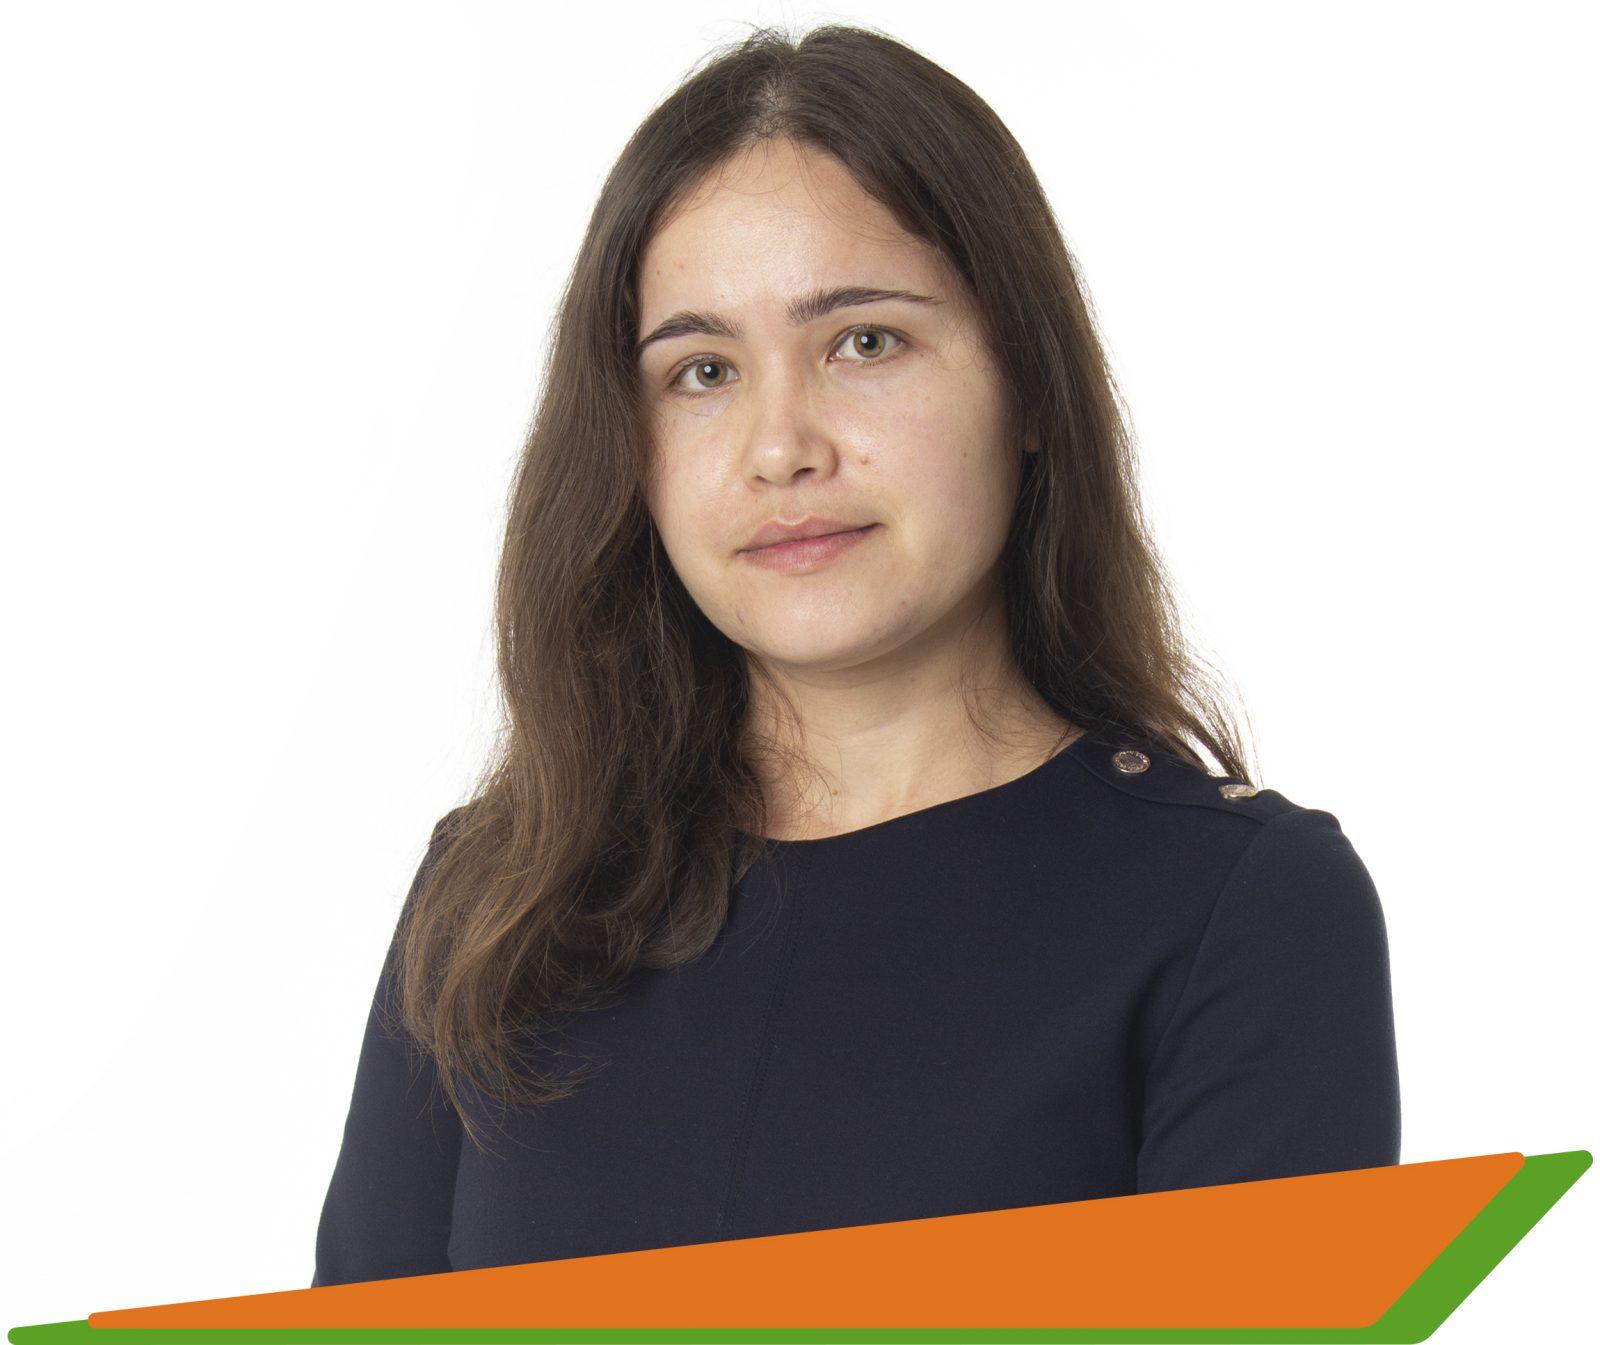 Петрова Анастасия Константиновна - - преподаватель английского, испанского, португальского и китайского языков